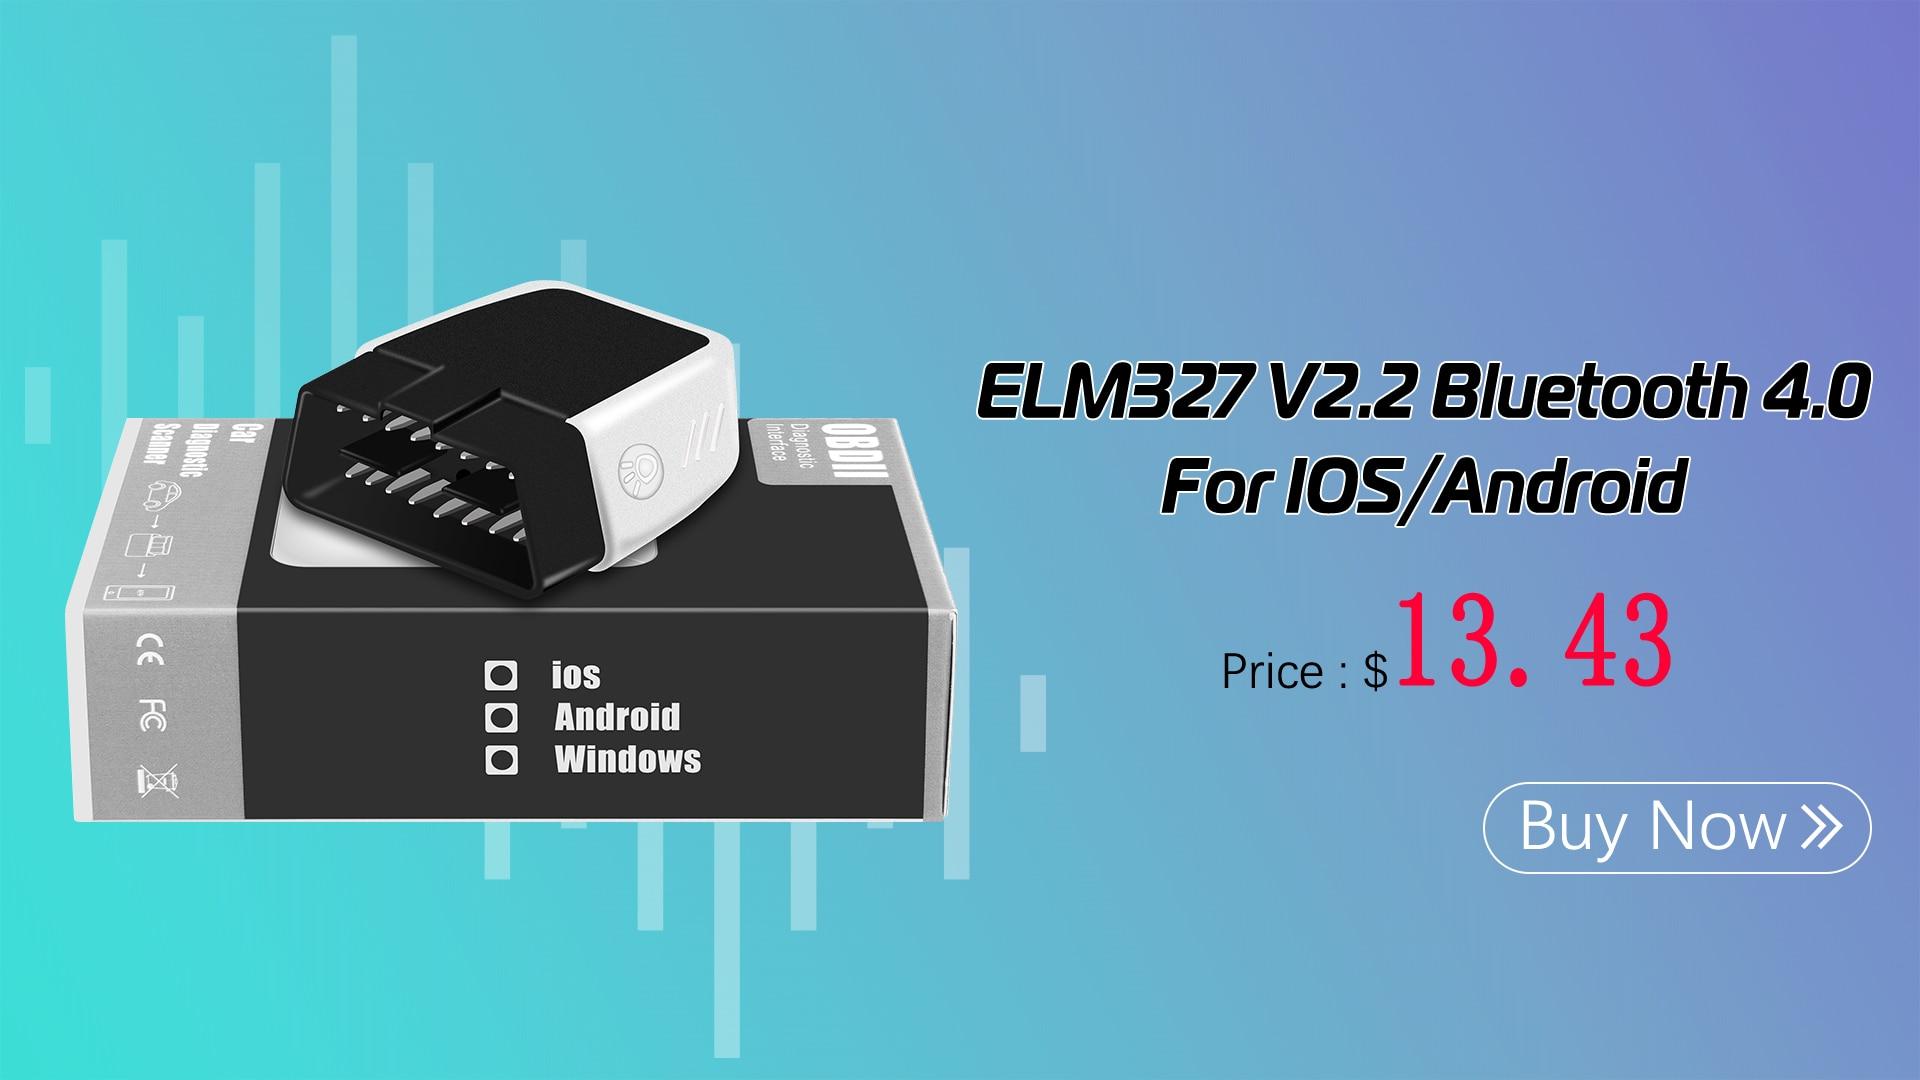 H1cca9e7570954a14a6aa8f7d356a395fb MINI ELM327 V1.5 PIC18F25K80 Bluetooth OBD2 Scanner Diagnostic adapter ELM 327 v1.5 OBD OBDII Code reader scan-tool For ATAL